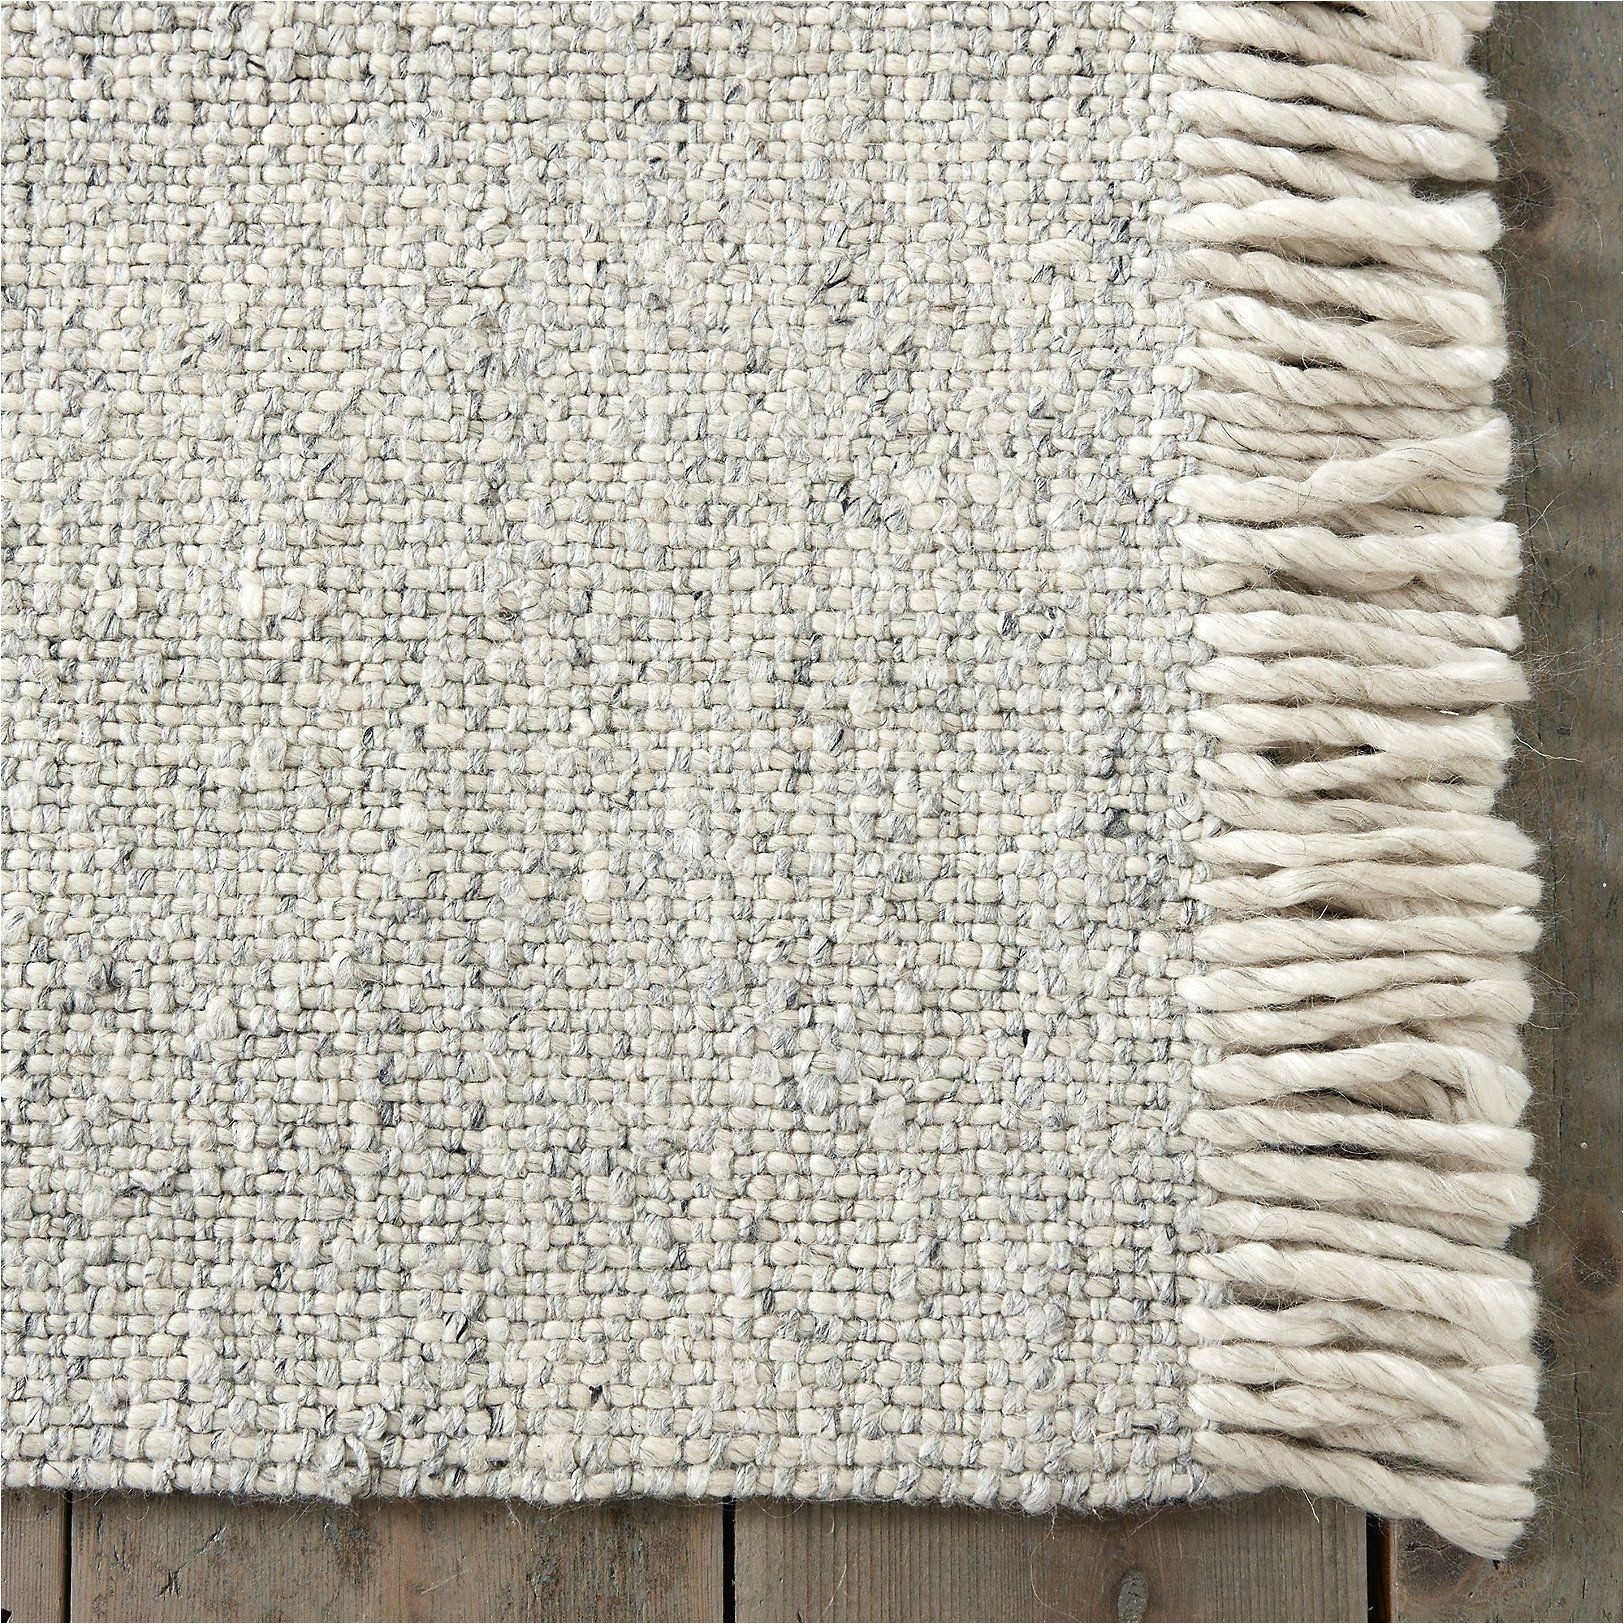 Artisan De Luxe Home Wool Rug Picture 50 Of 50 Artisan De Luxe Rug Unique Harrogate